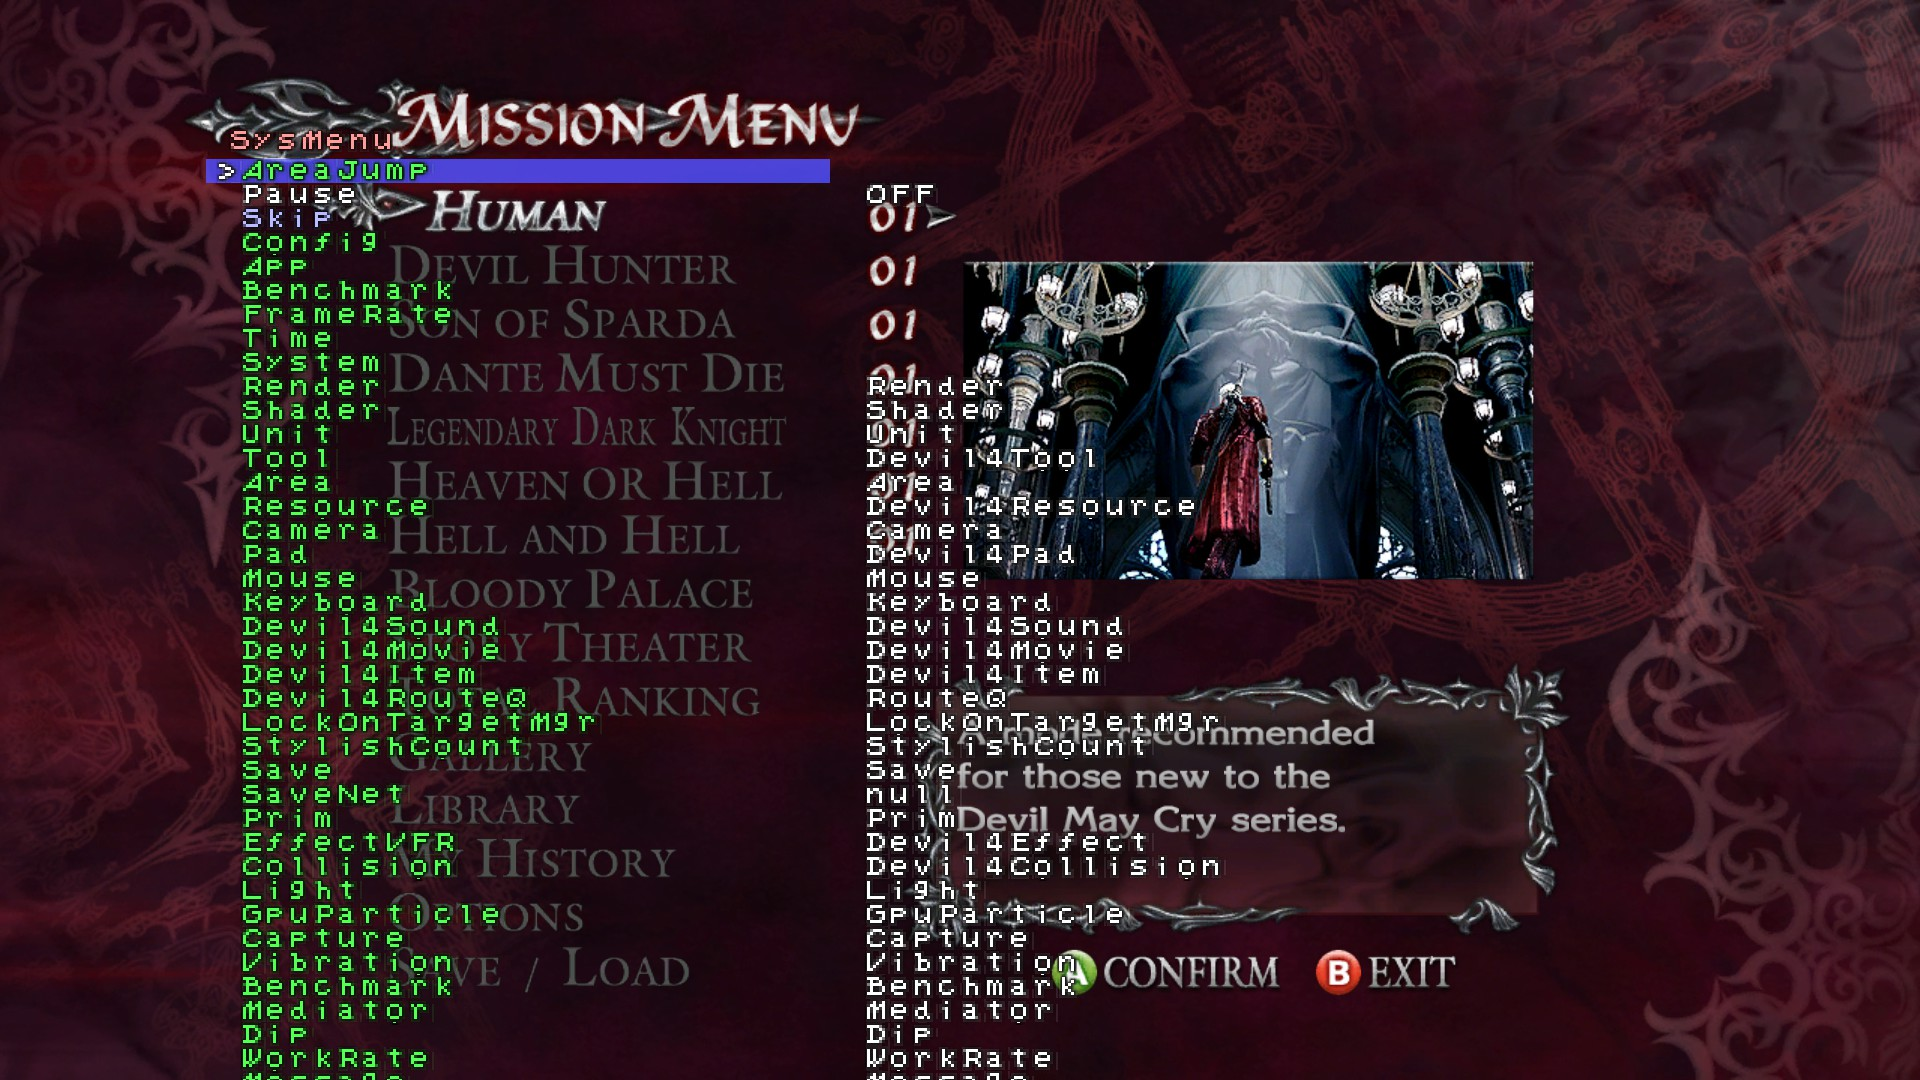 Cộng đồng Steam :: Hướng dẫn :: Devil May Cry 4: Advanced